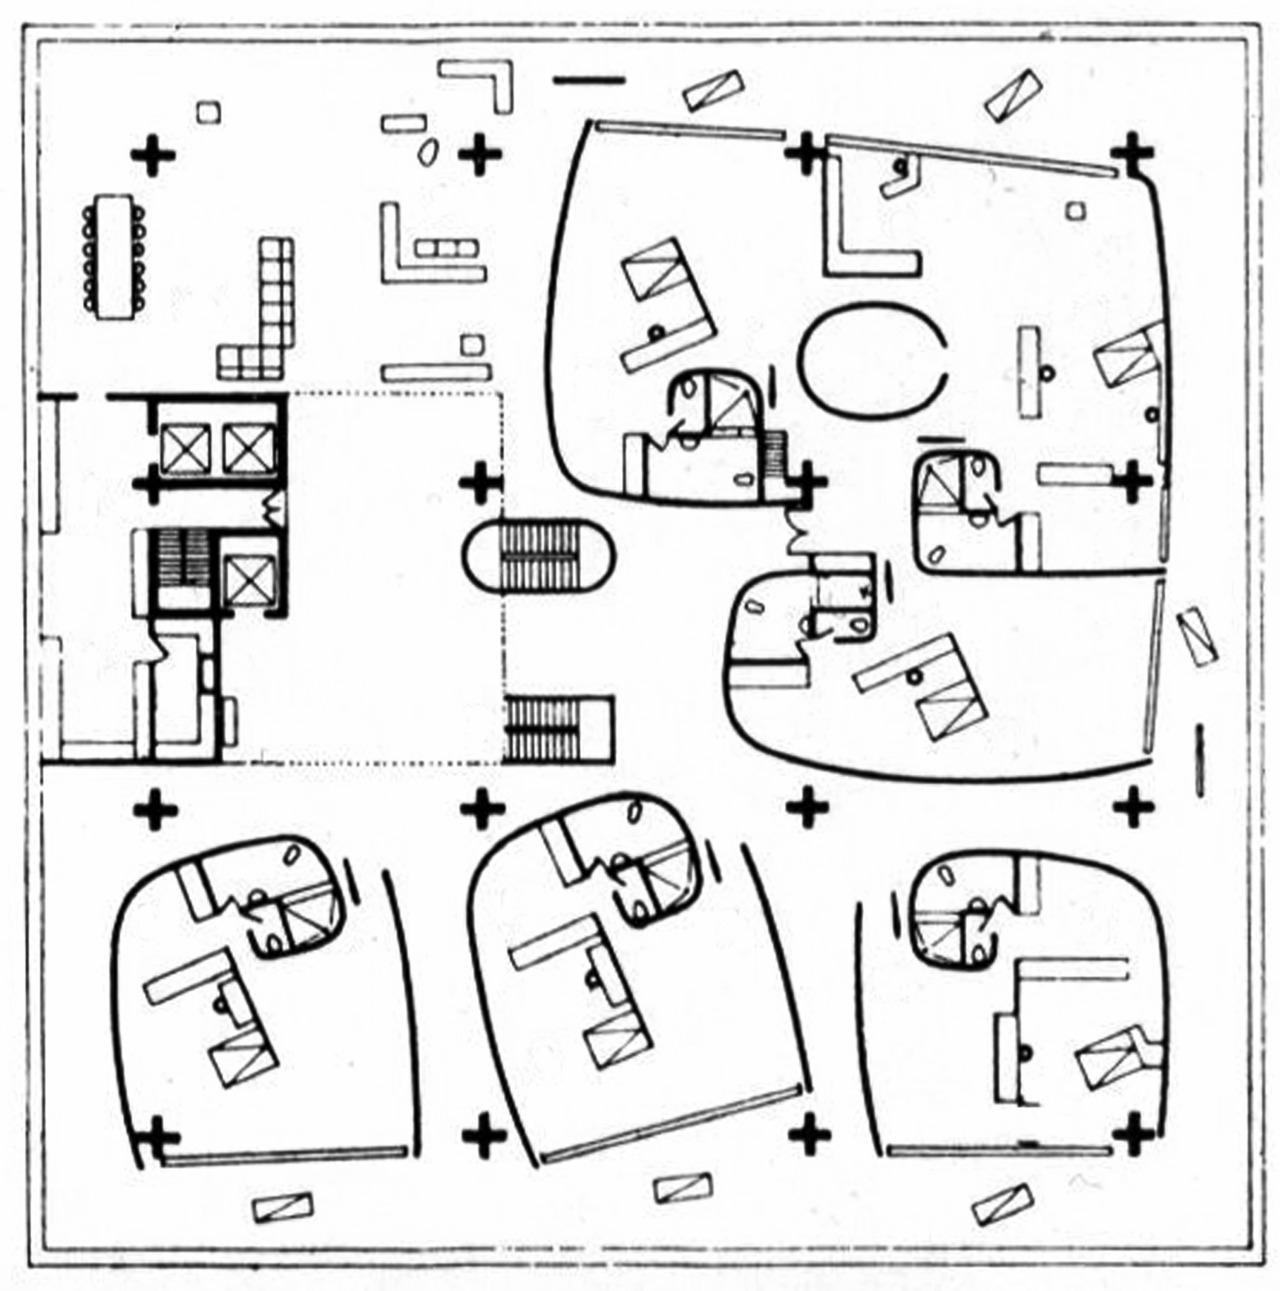 le corbusier 5 points of architecture pdf